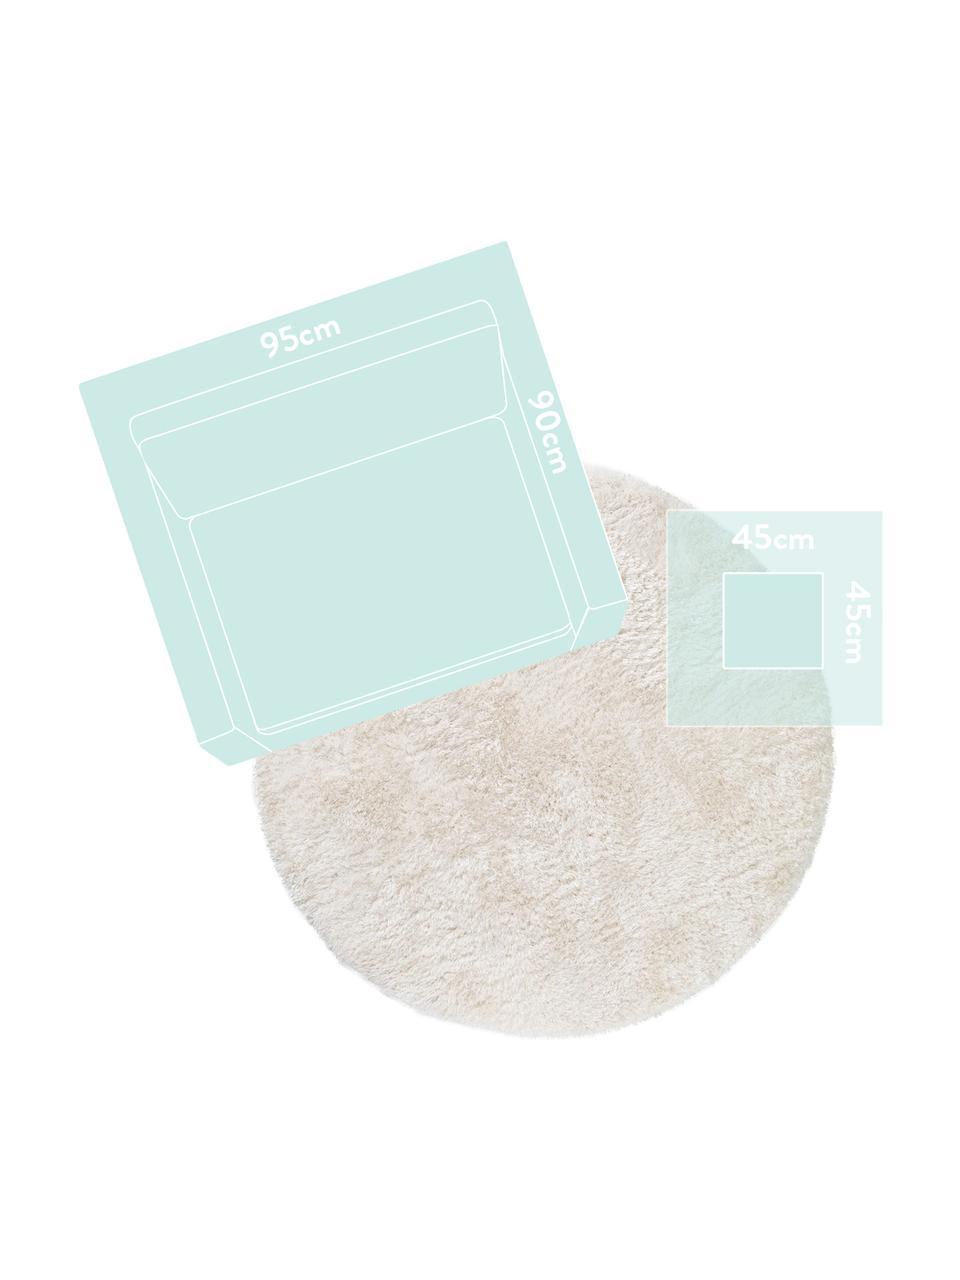 Tappeto a pelo lungo effetto lucido Lea, Retro: 100% juta, Bianco, Ø 200 cm (taglia L)